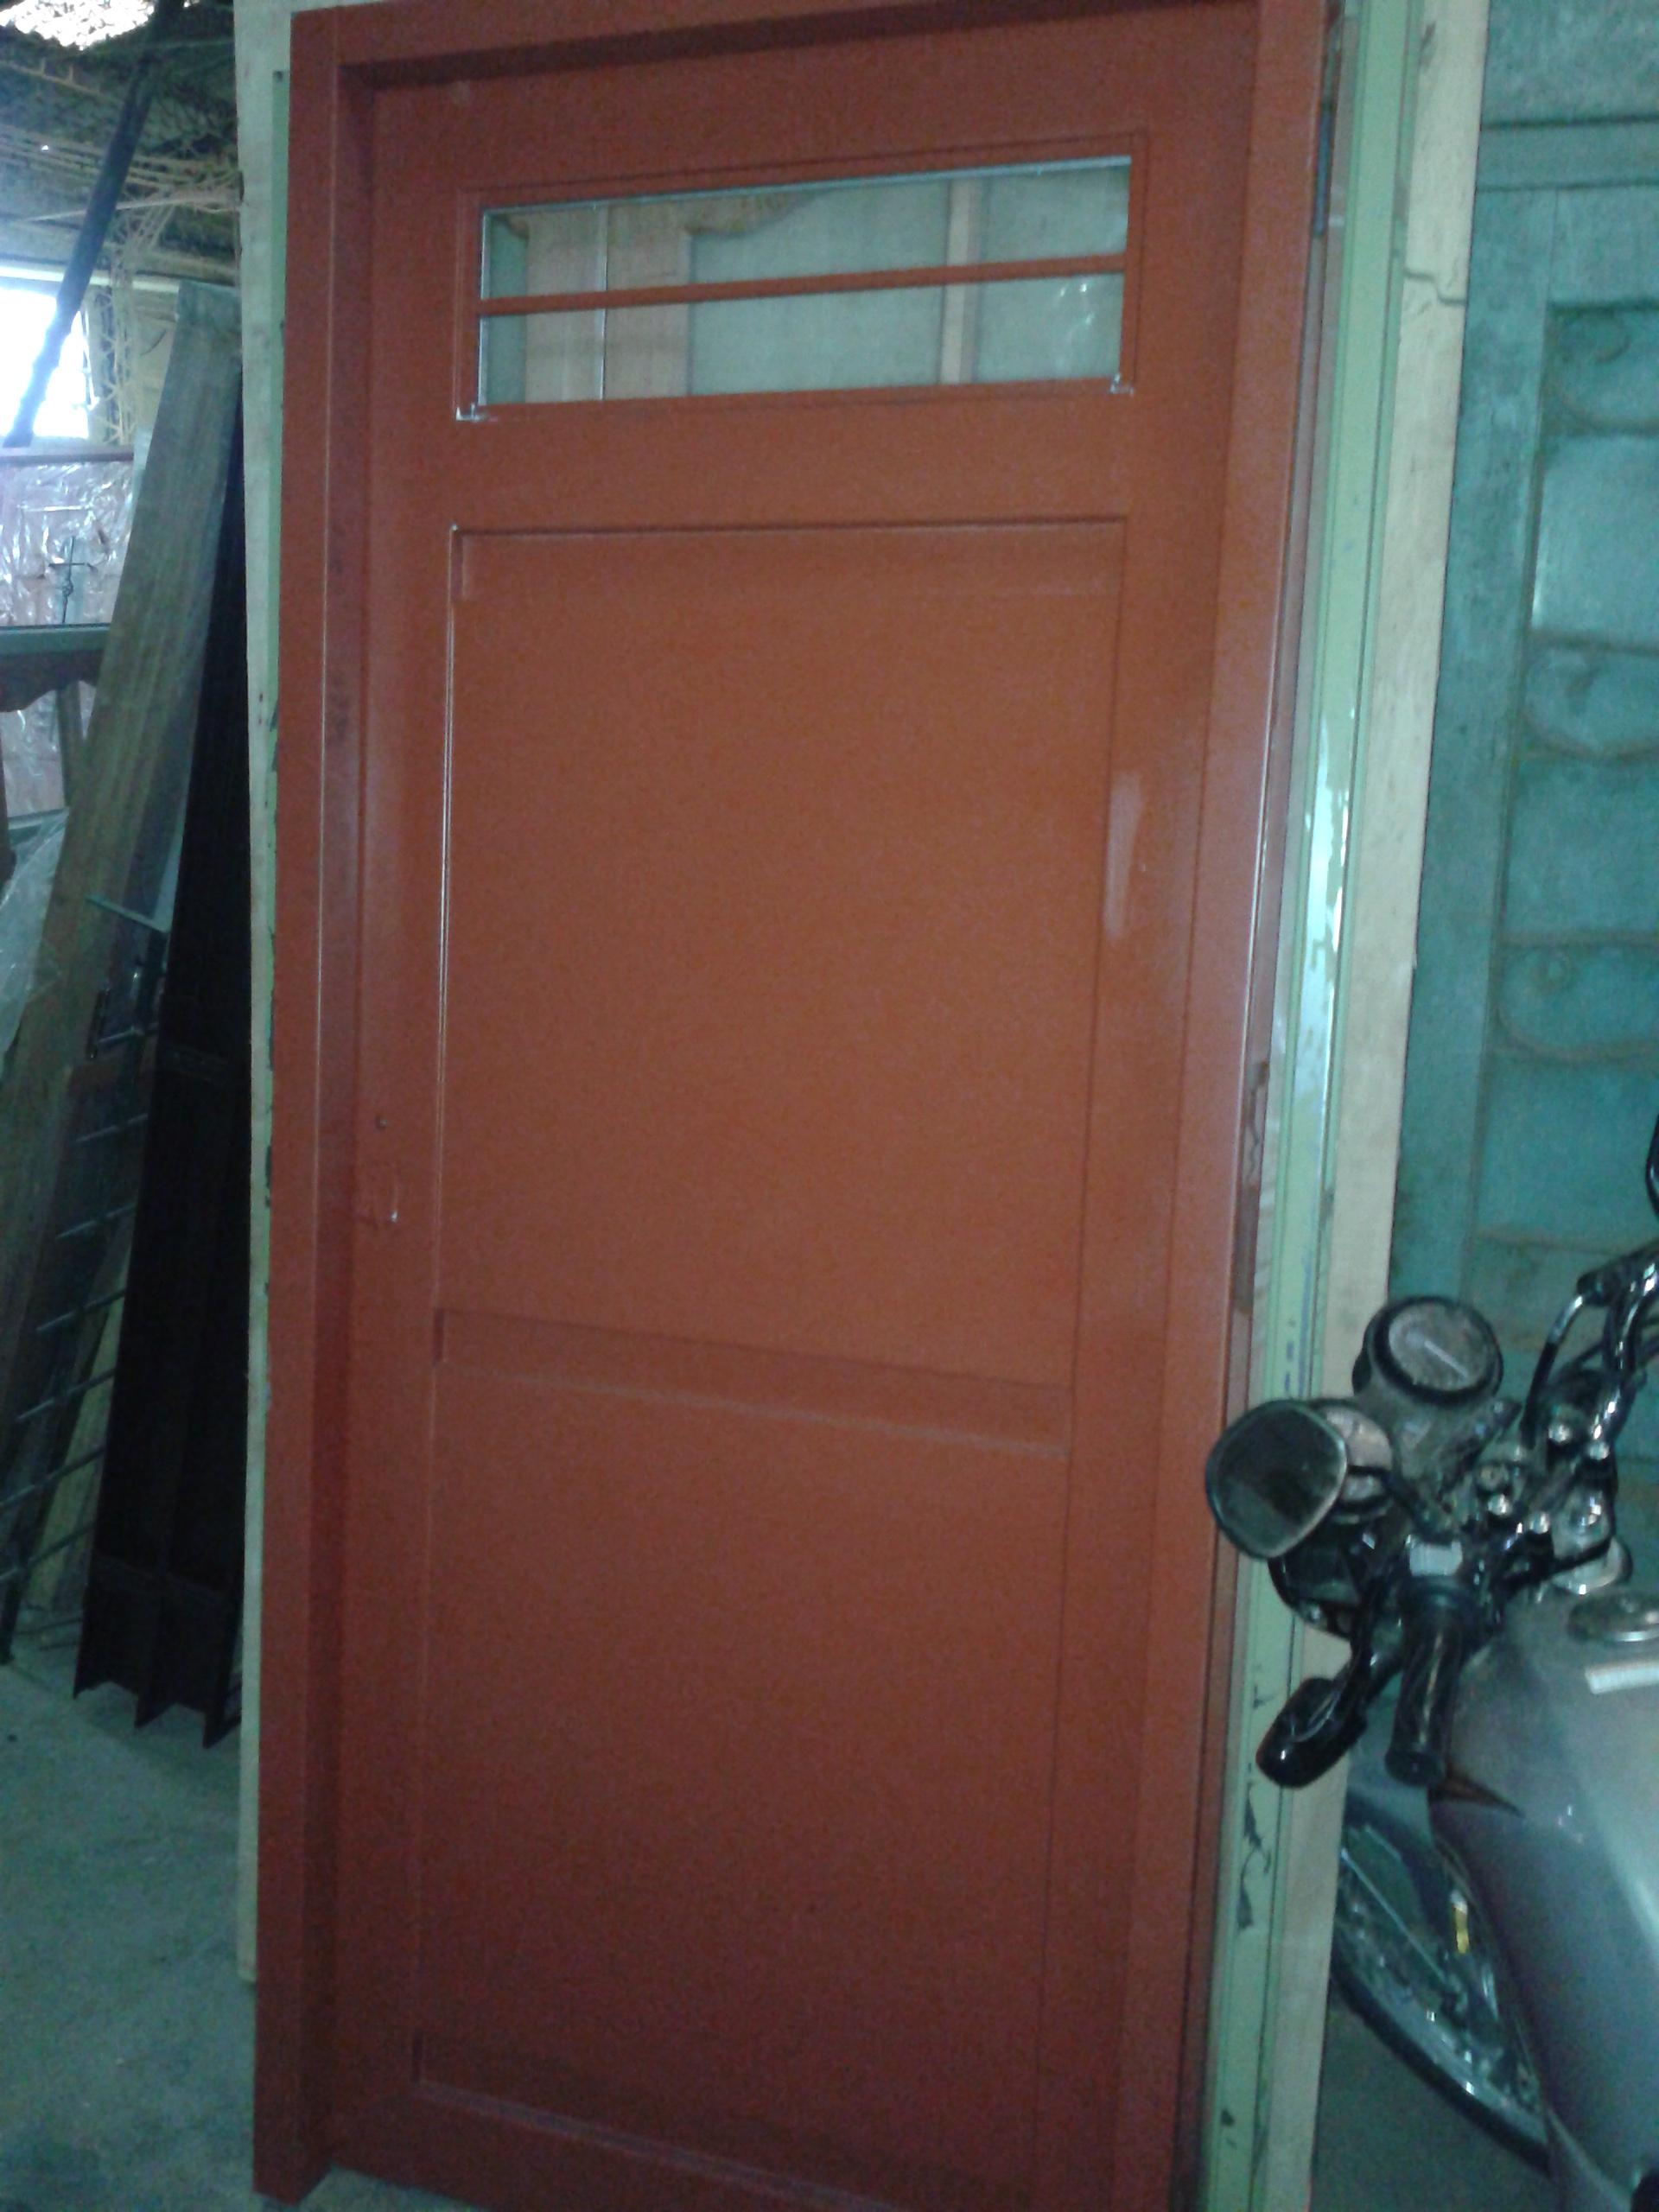 Puertas de chapa categor as de los productos extra porch page 2 - Puertas para porches ...